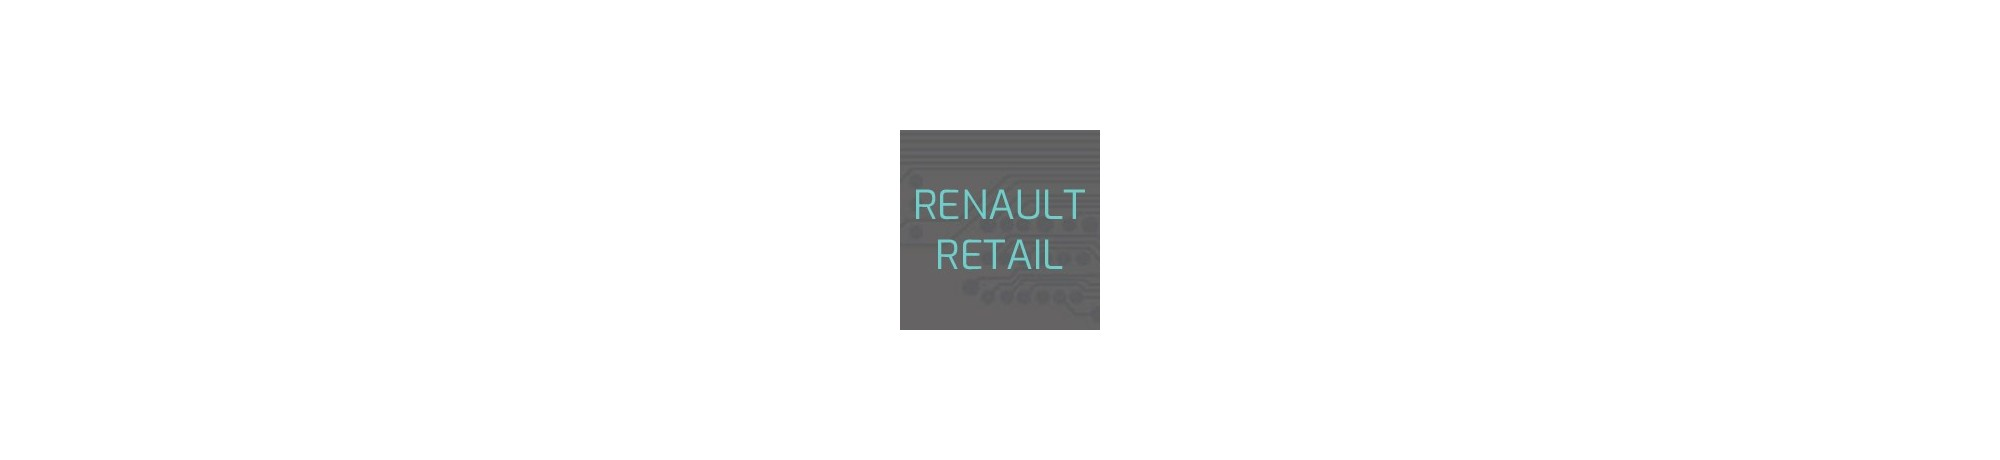 Renault Retail